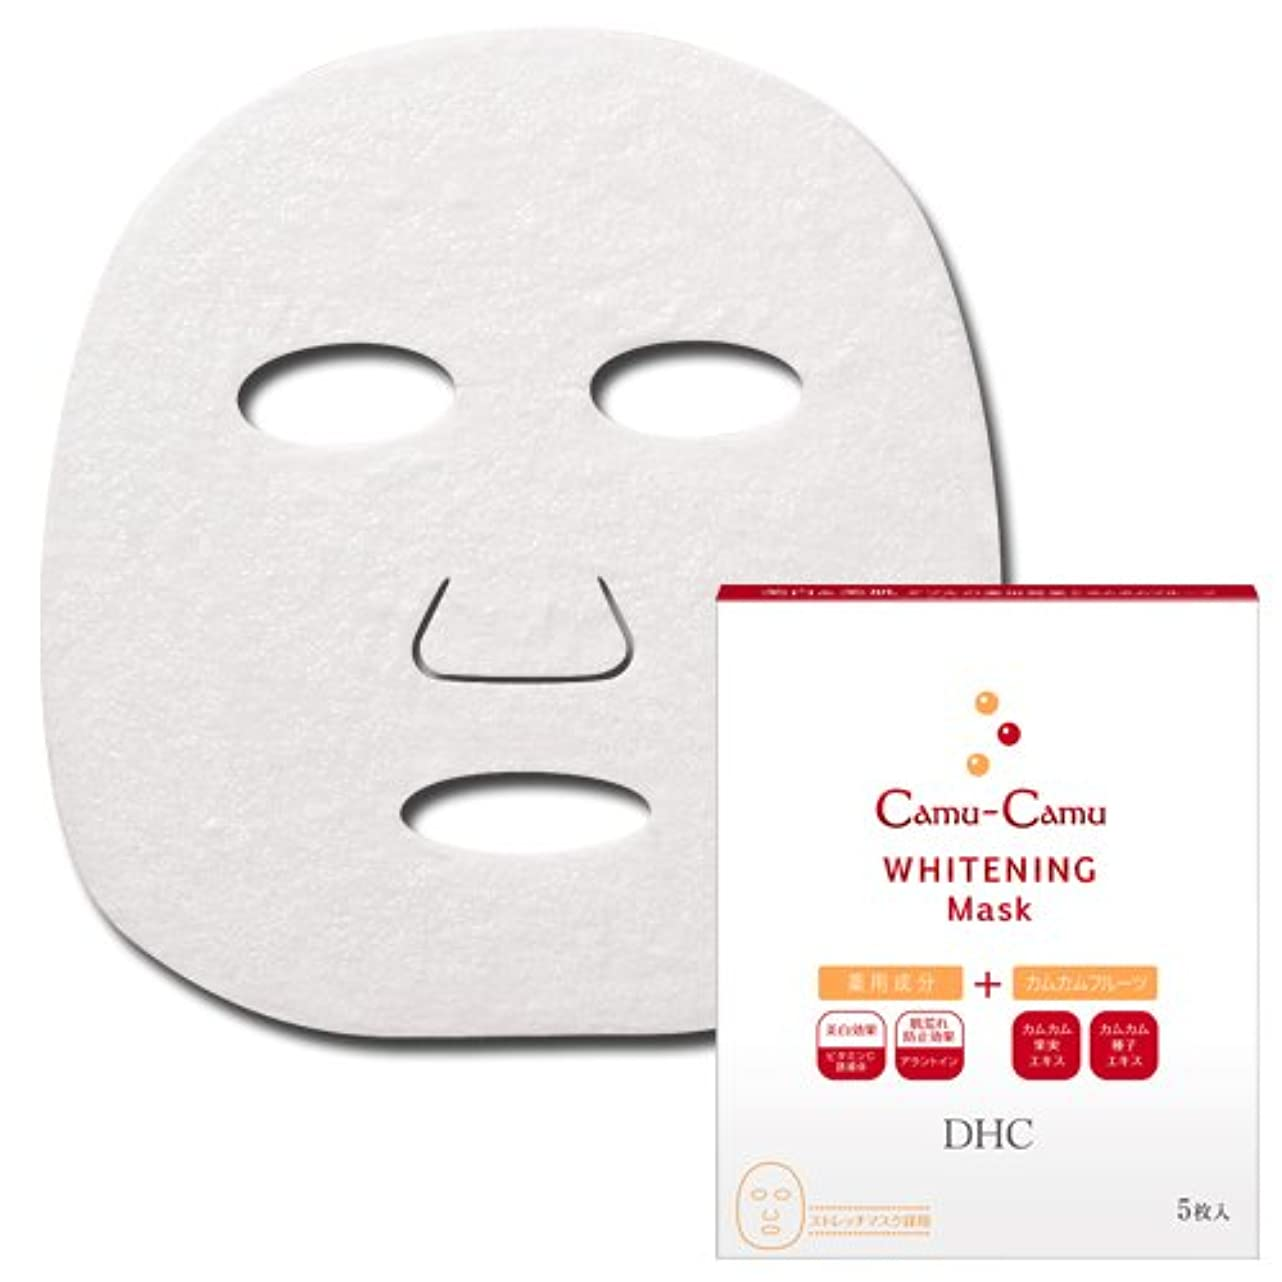 ヒップ節約するトマト【医薬部外品】DHC薬用カムCホワイトニングマスク[5枚入]